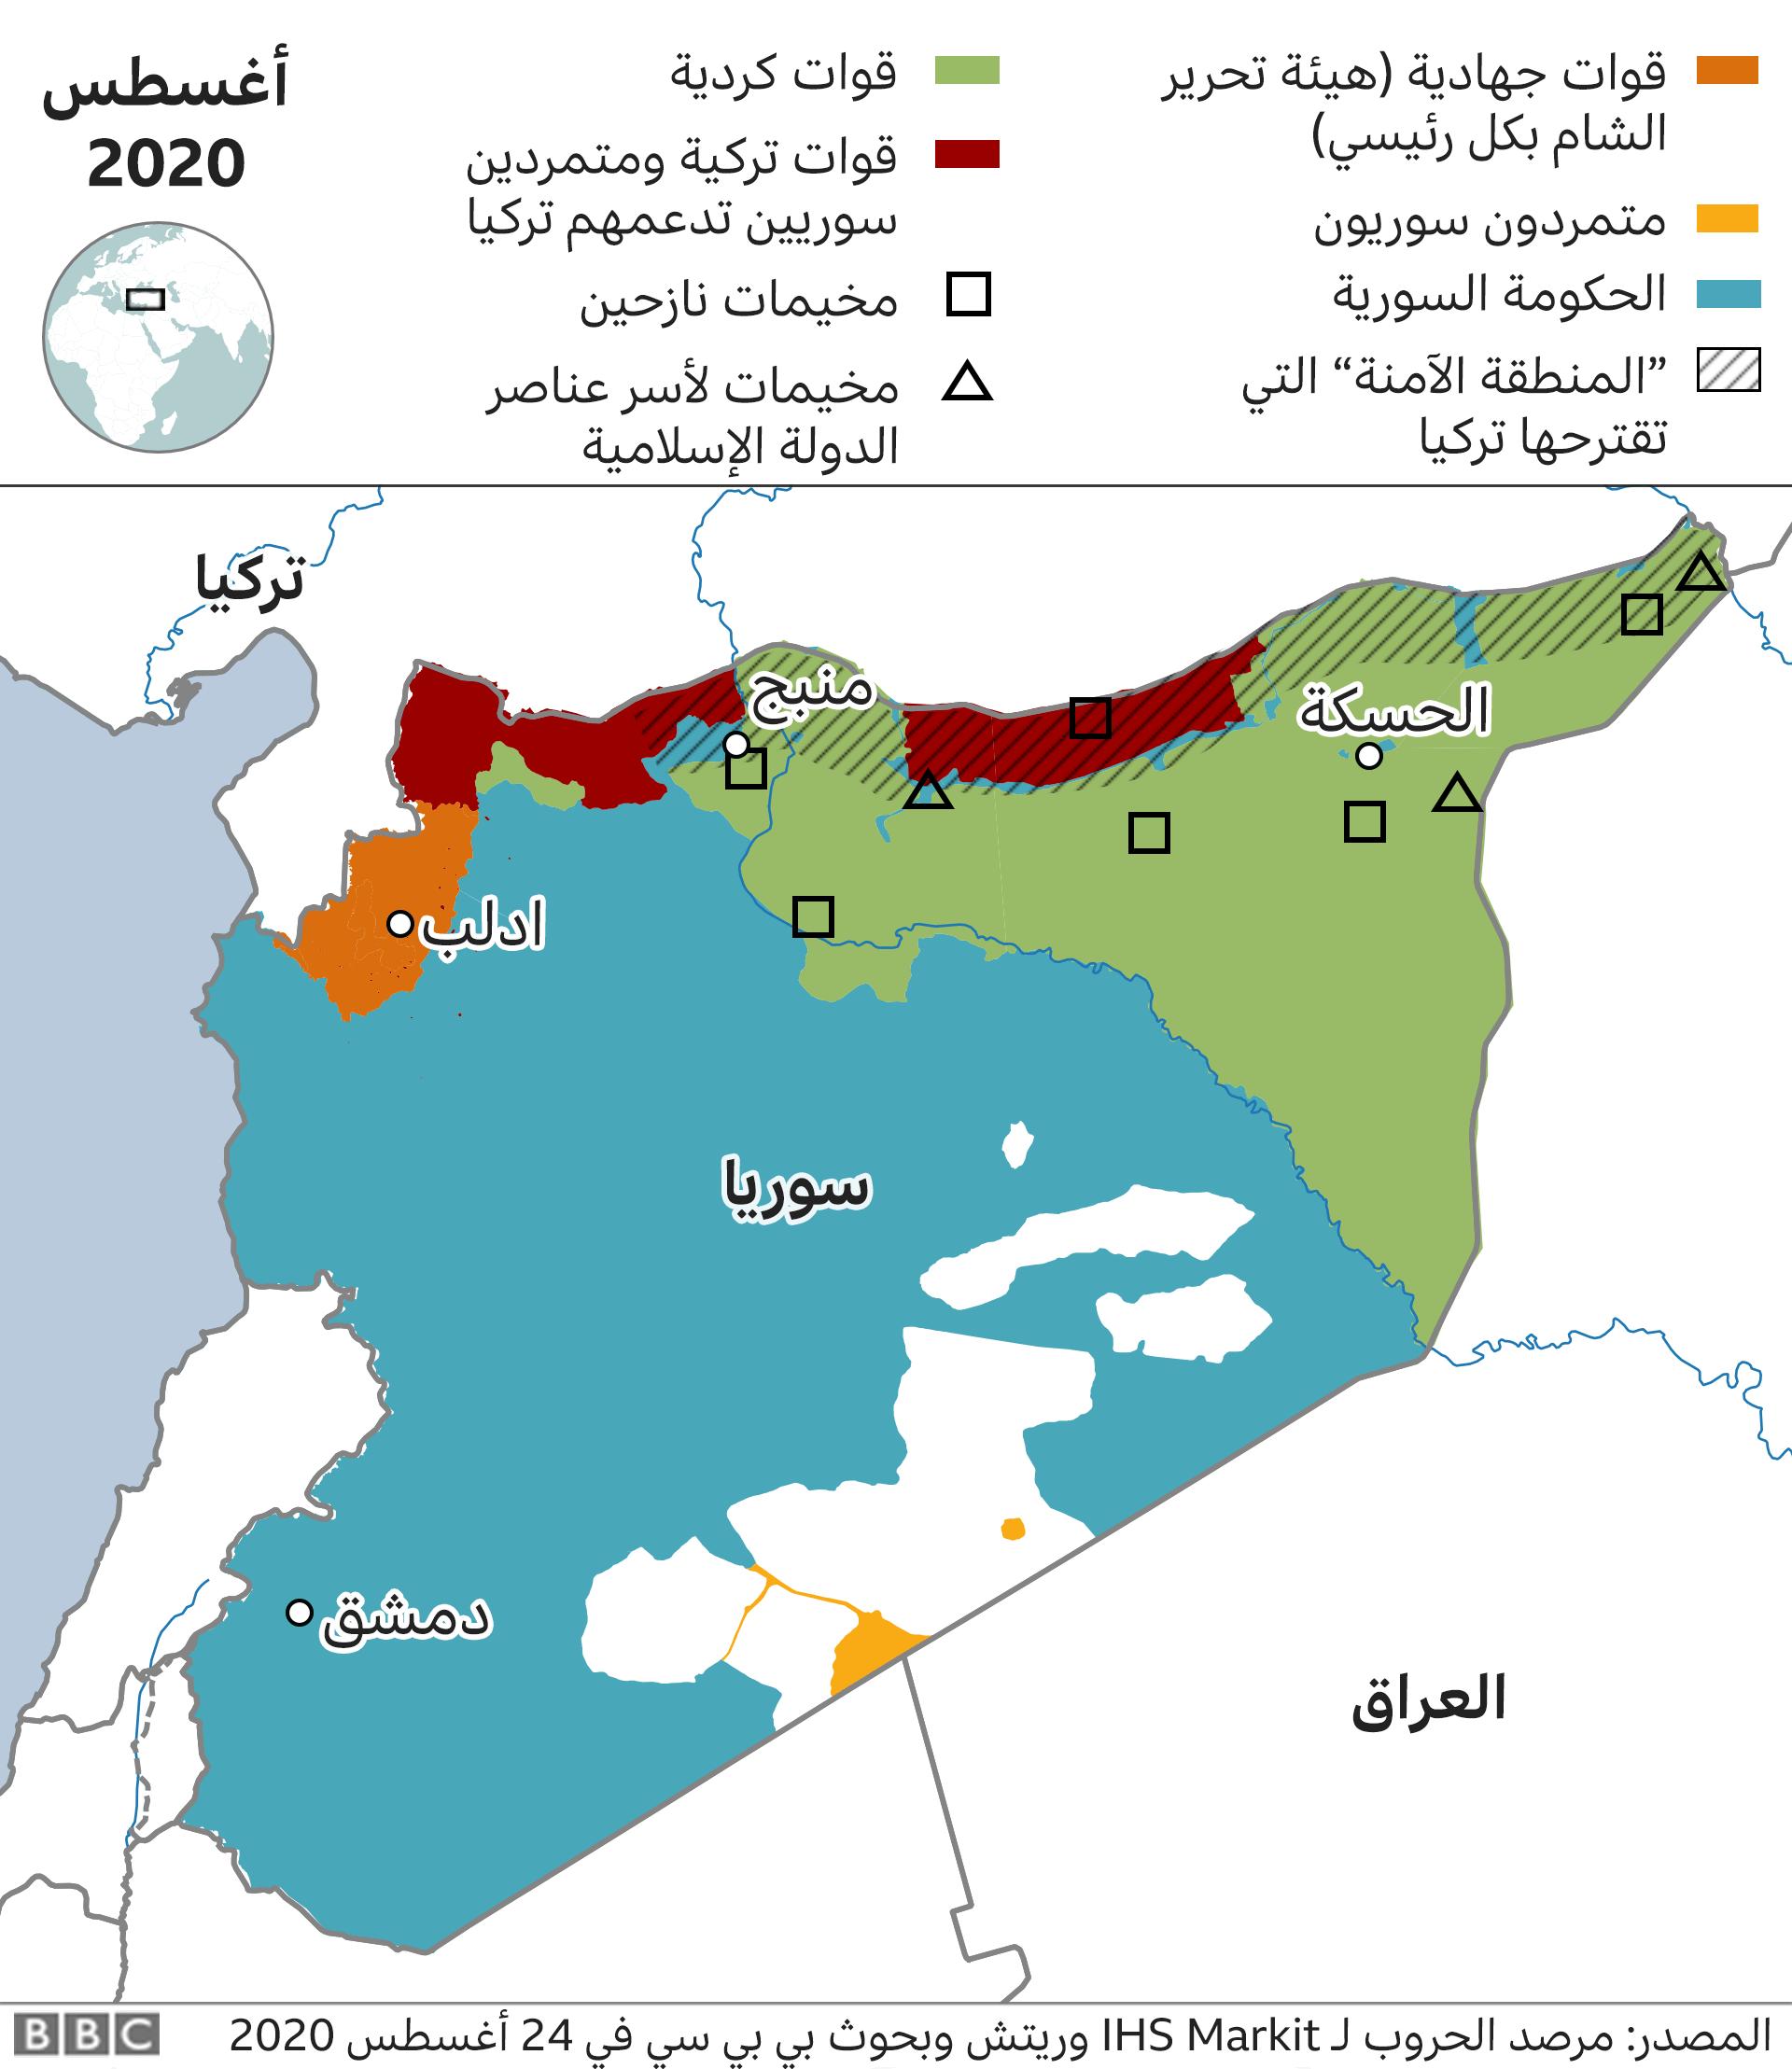 مناطق سيطرة قوات مختلفة في سوريا حتى تاريخ 20 أغسطس/آب 2020